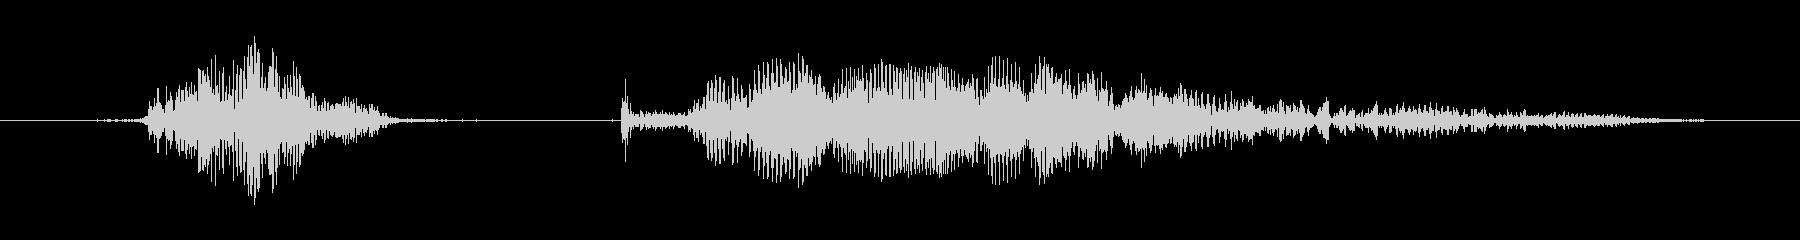 マンチキン、男性の声:わかりましたの未再生の波形